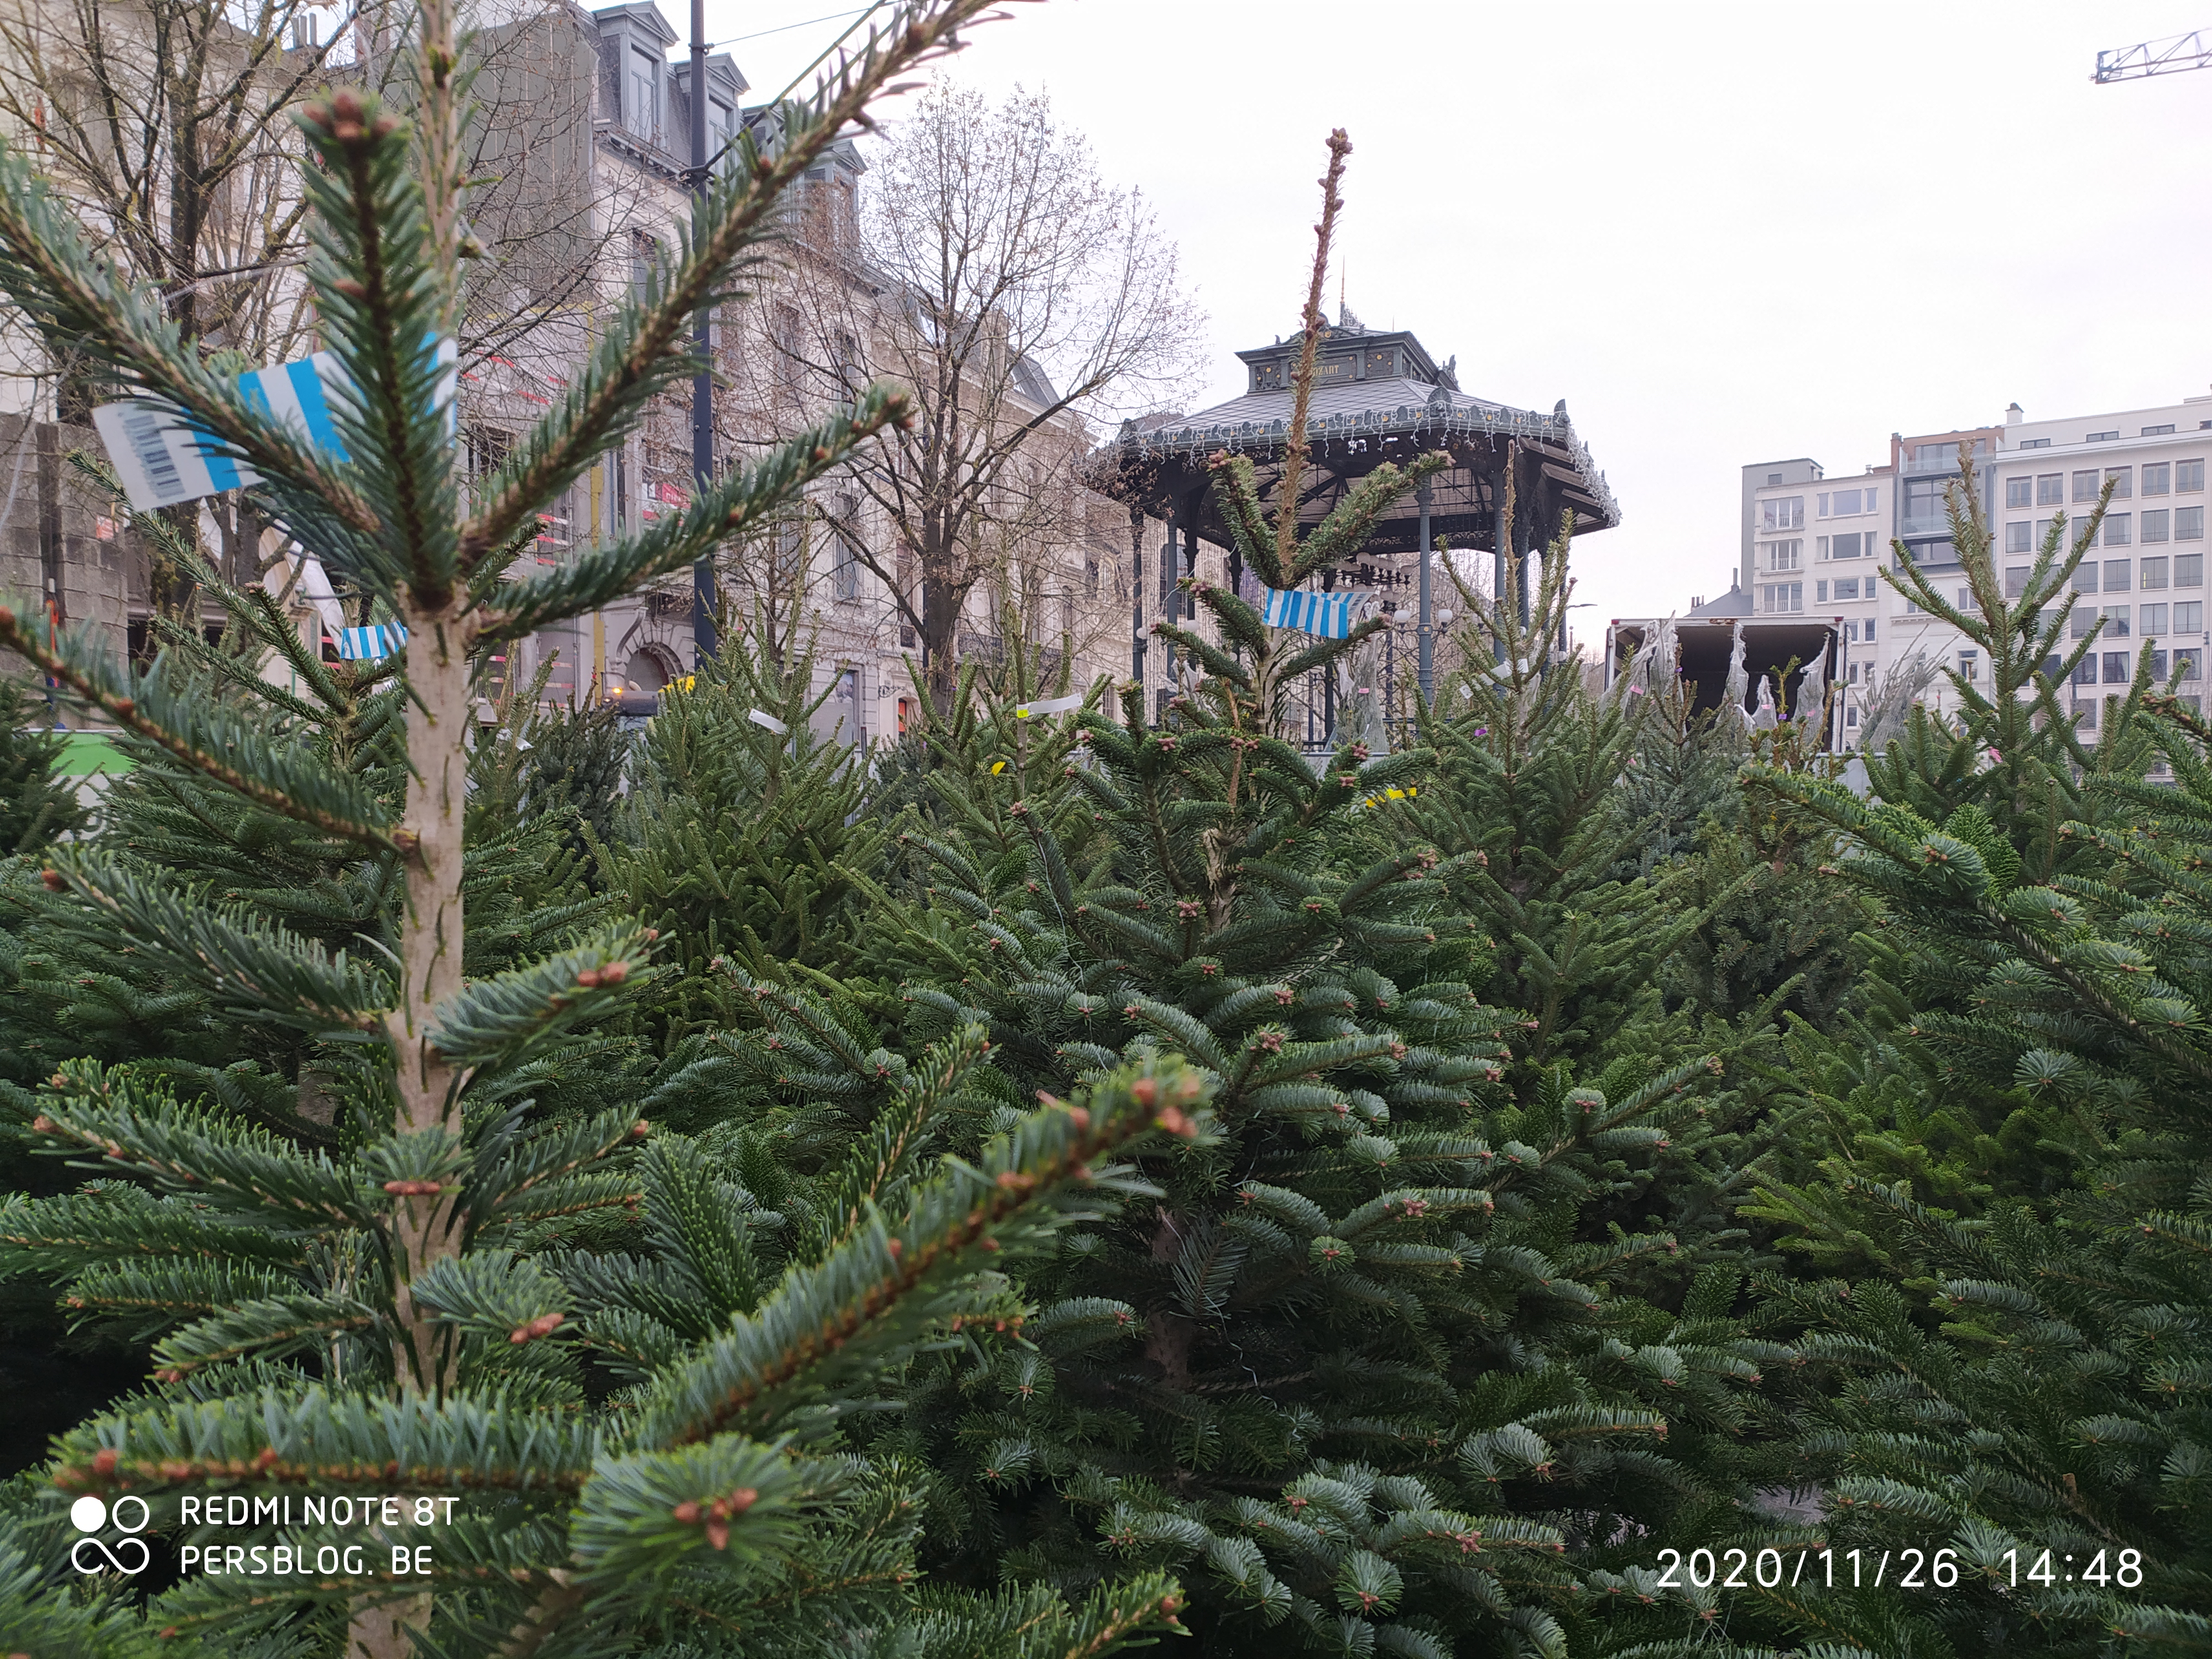 Kerstbomen op de Kouter